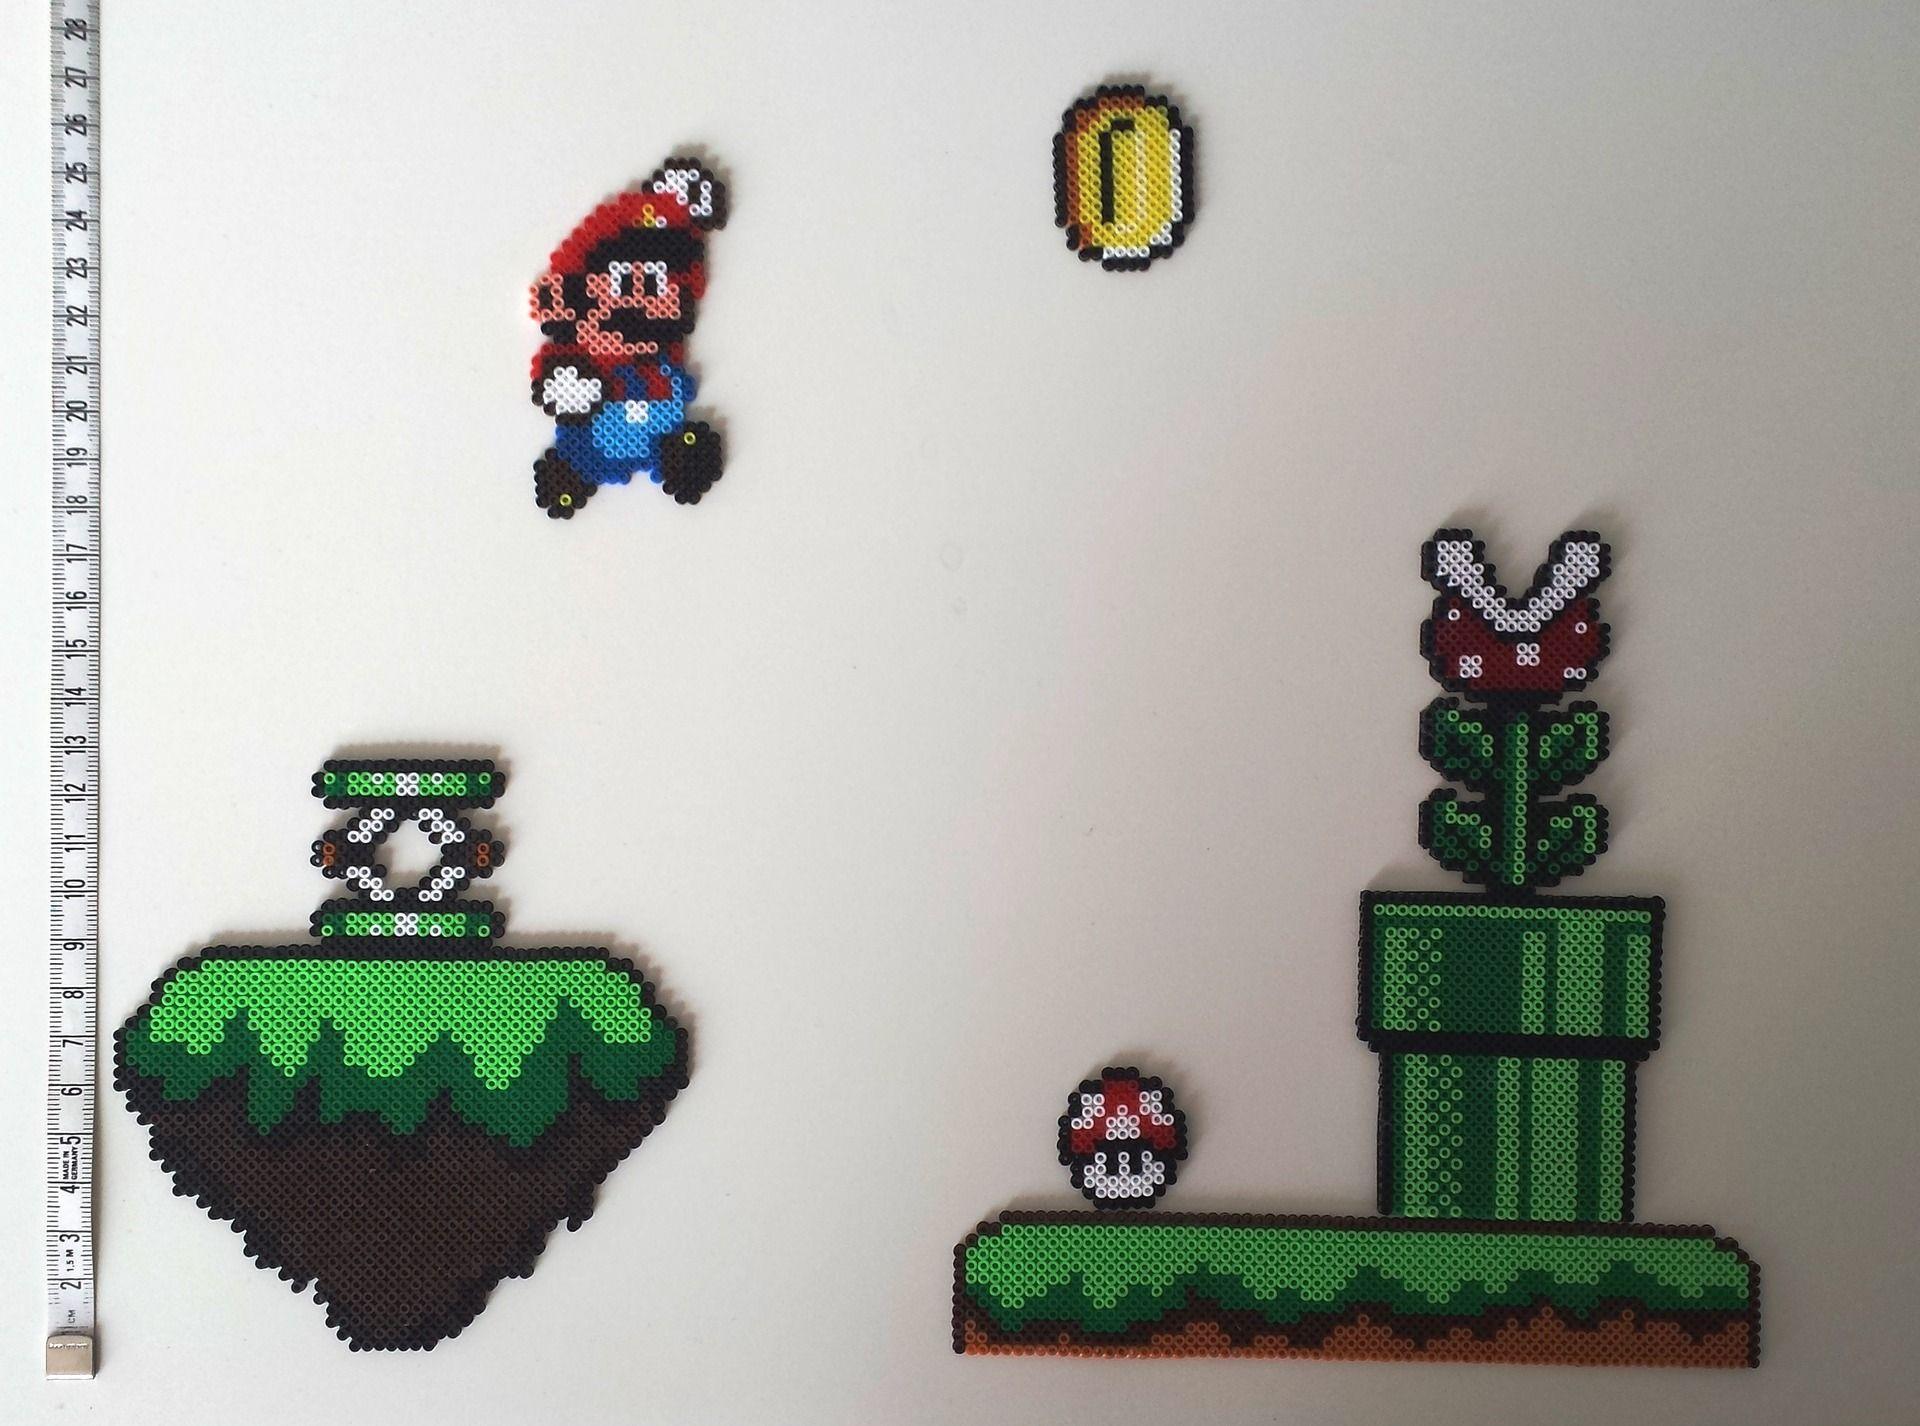 Tableau Mario En Mini Perle A Repasser Schemas De Bijoux En Perles Art Perle Perle A Repasser Modeles